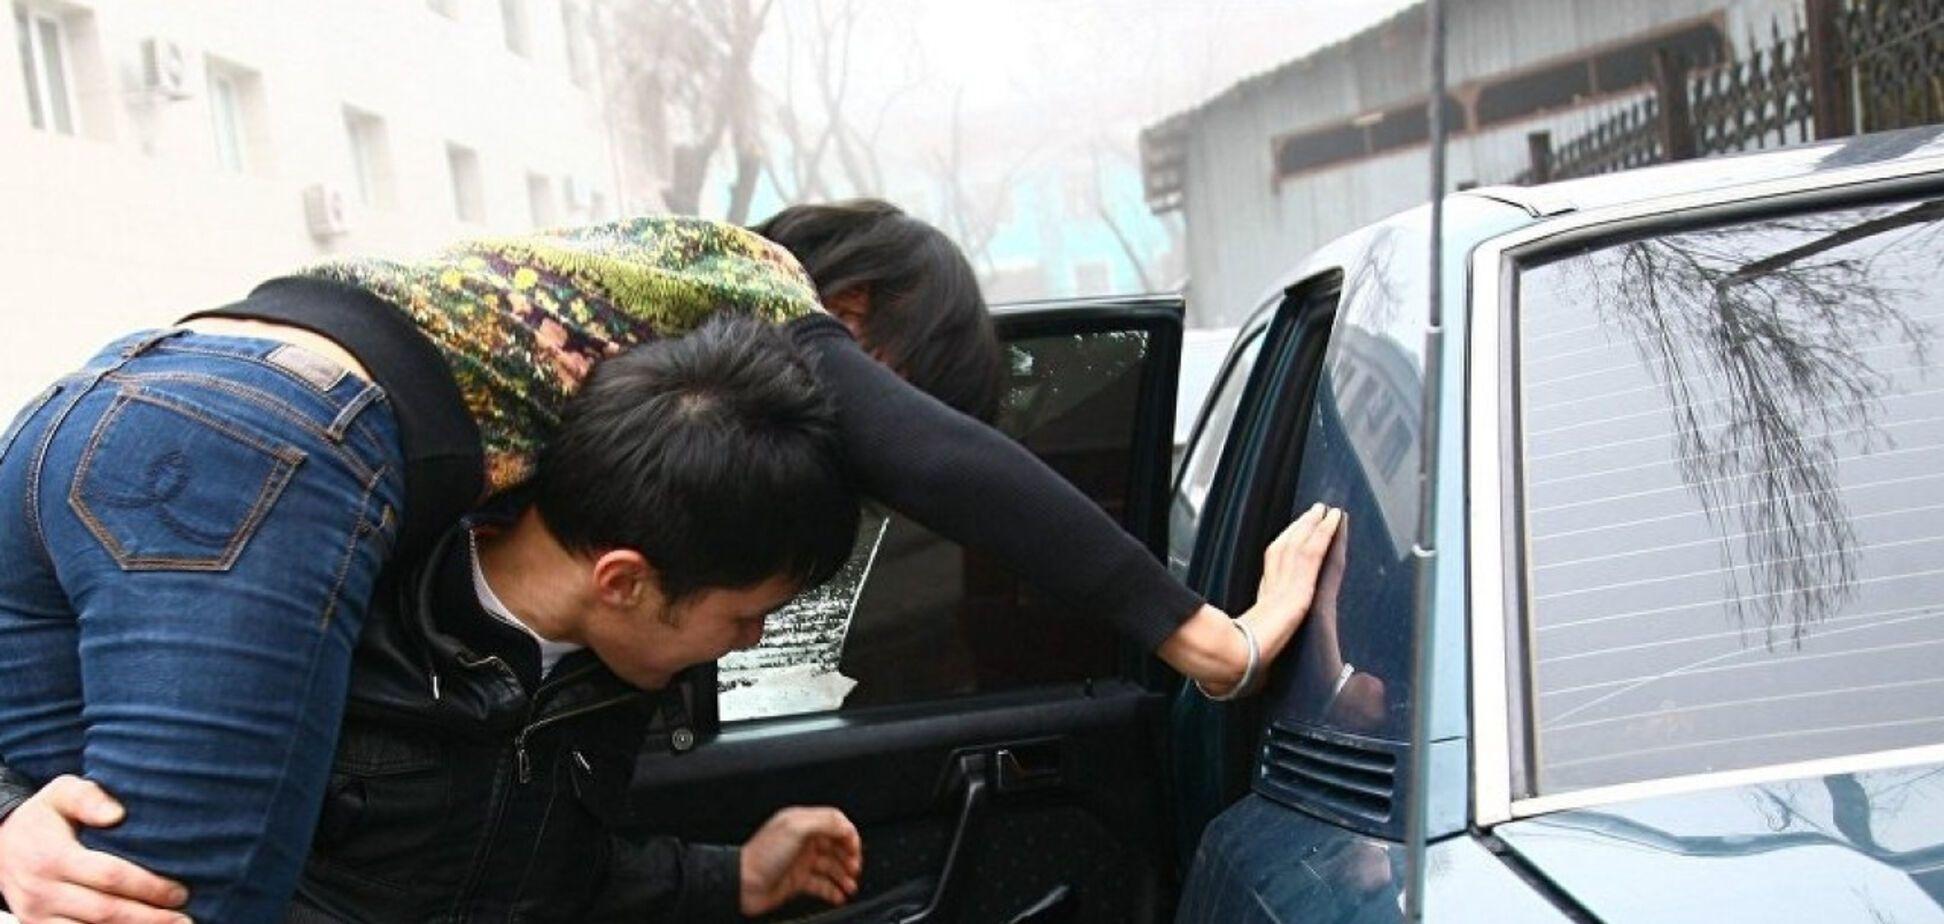 На Запоріжжі викрали дівчинку, поліція ввела операцію 'Перехват', – ЗМІ